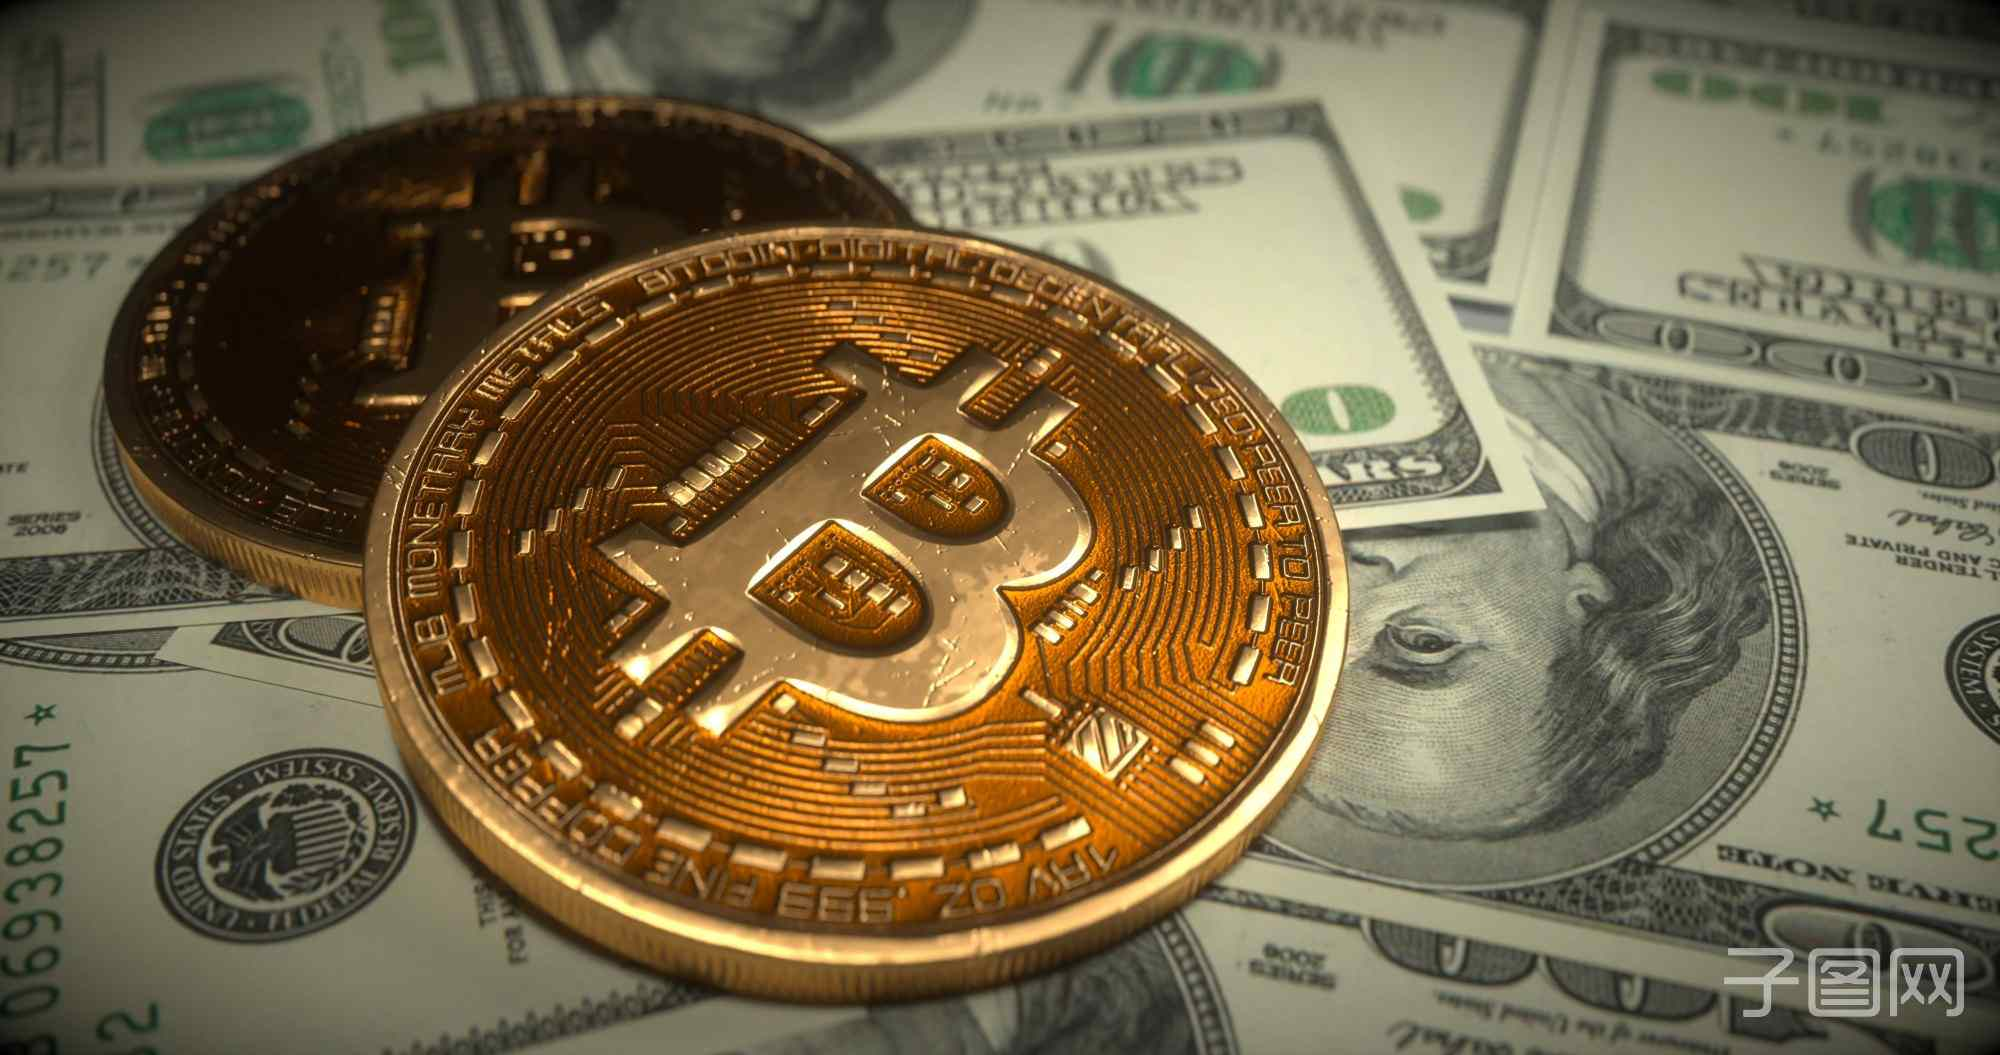 华尔街大佬变现资产,索罗斯投资加密货币有新消息